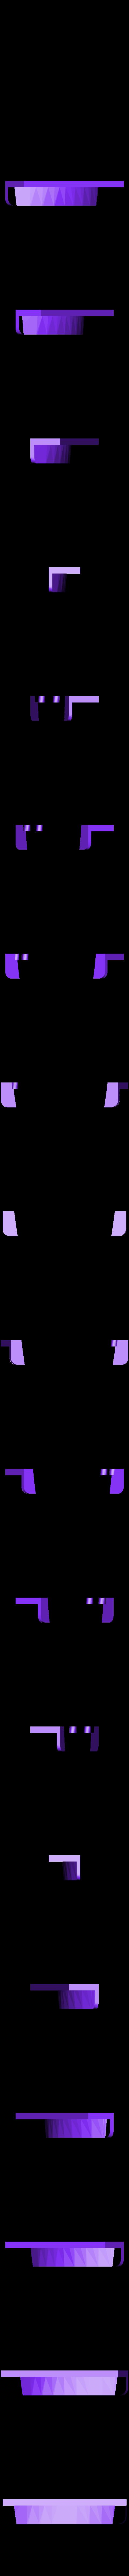 stand_back.stl Télécharger fichier STL gratuit Voilier à voile • Objet pour impression 3D, Rusichar